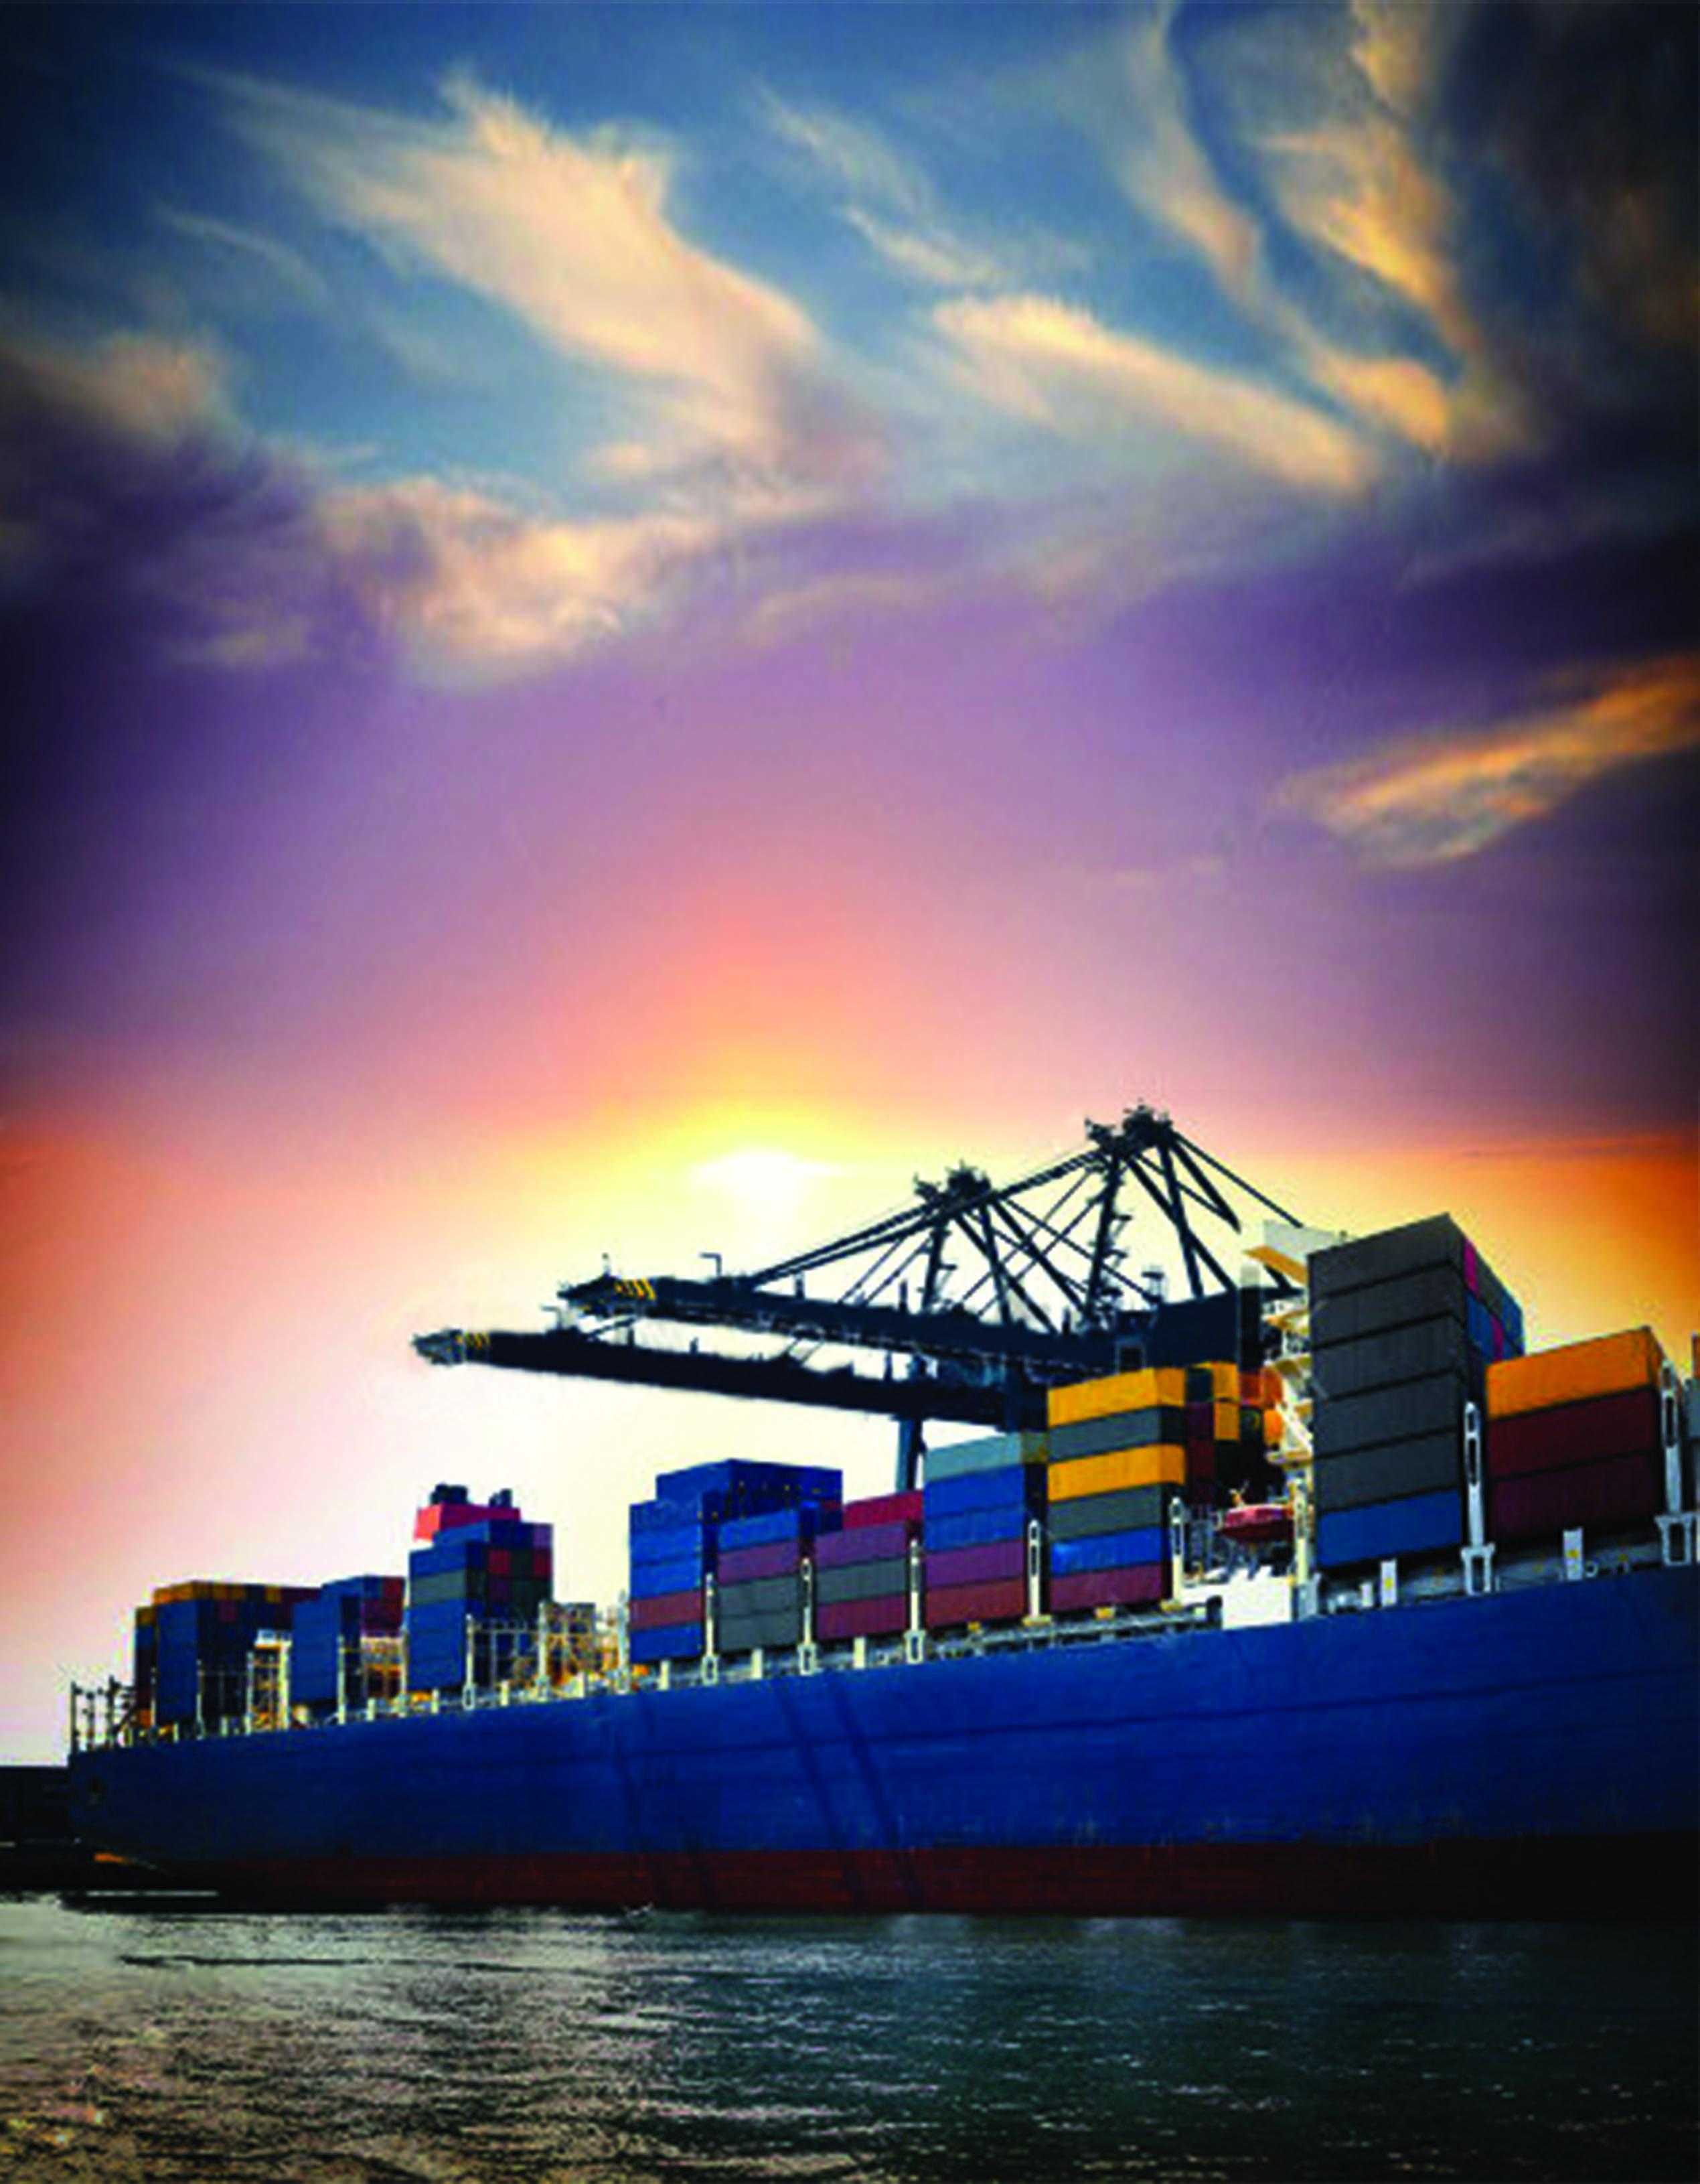 pengiriman barang lewat laut